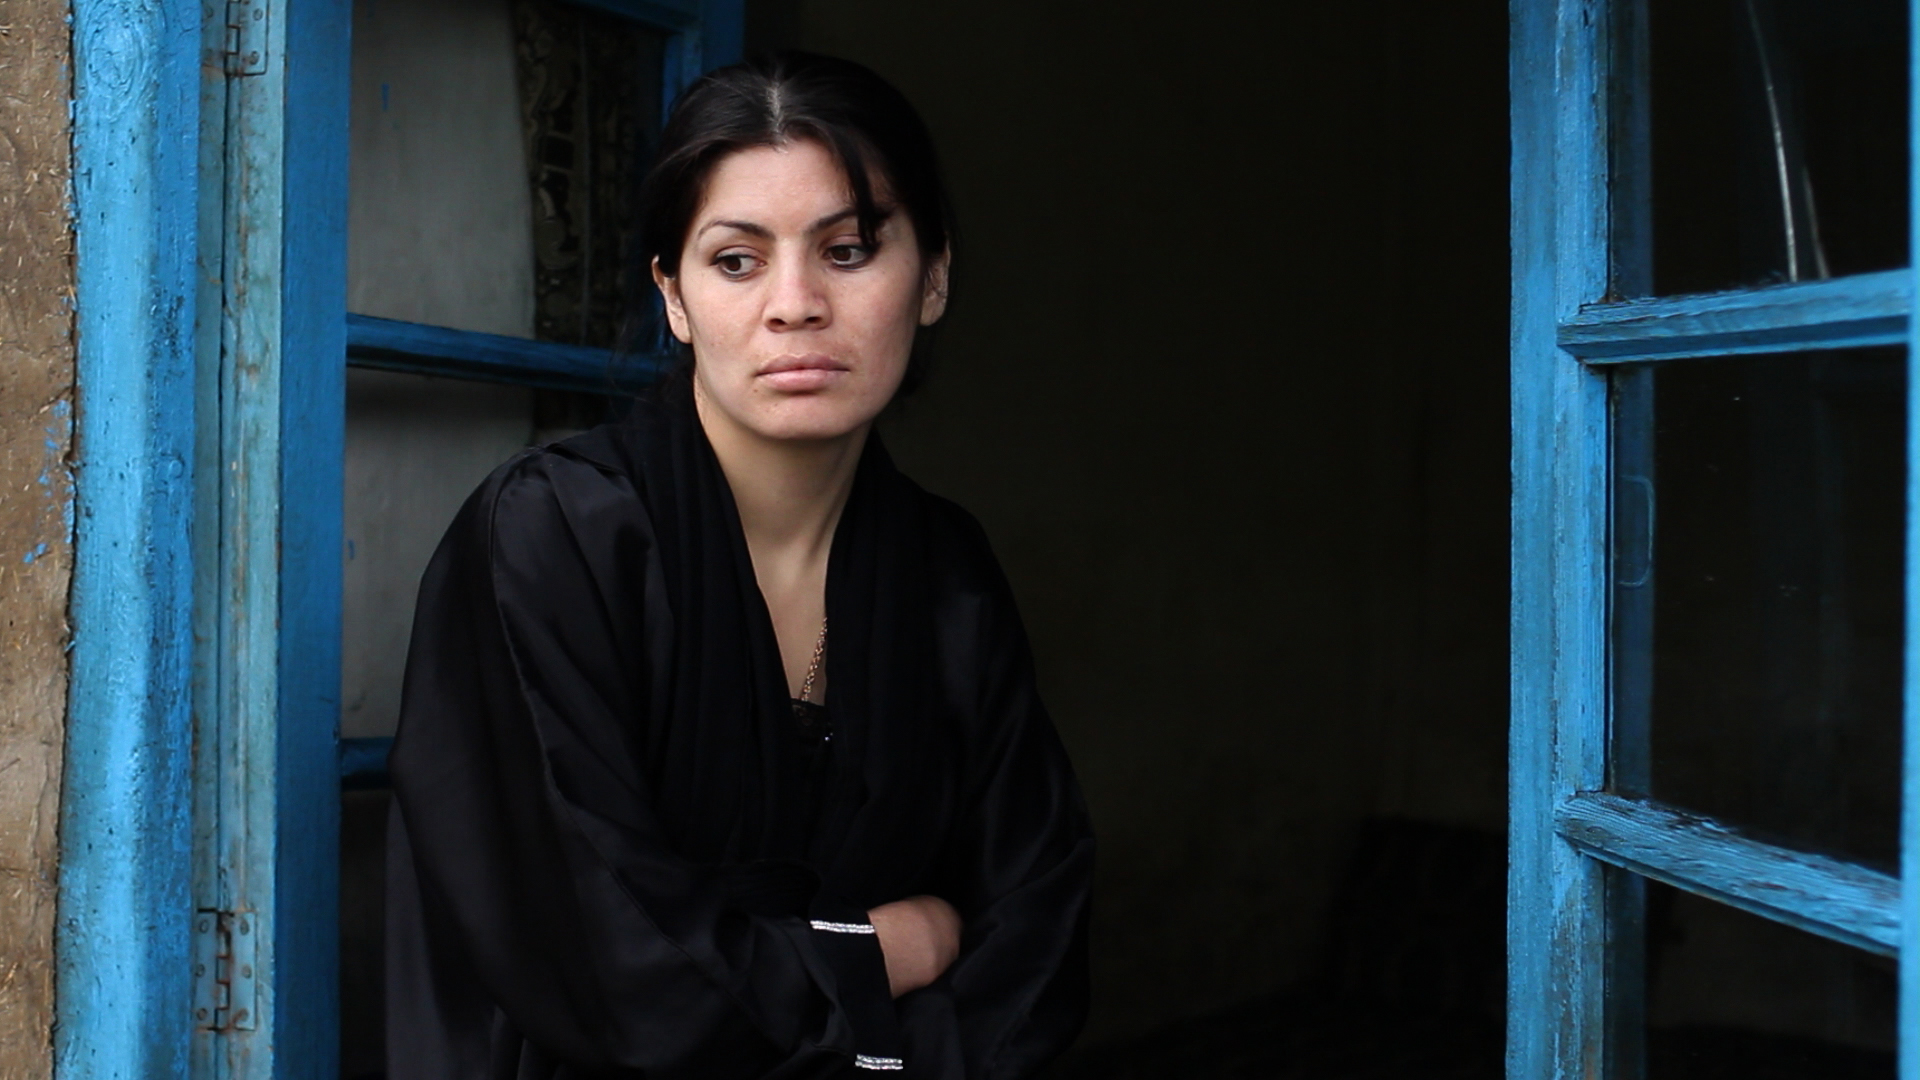 Prison sisters<br/><span>Sarvestani Nima, Iran</span>